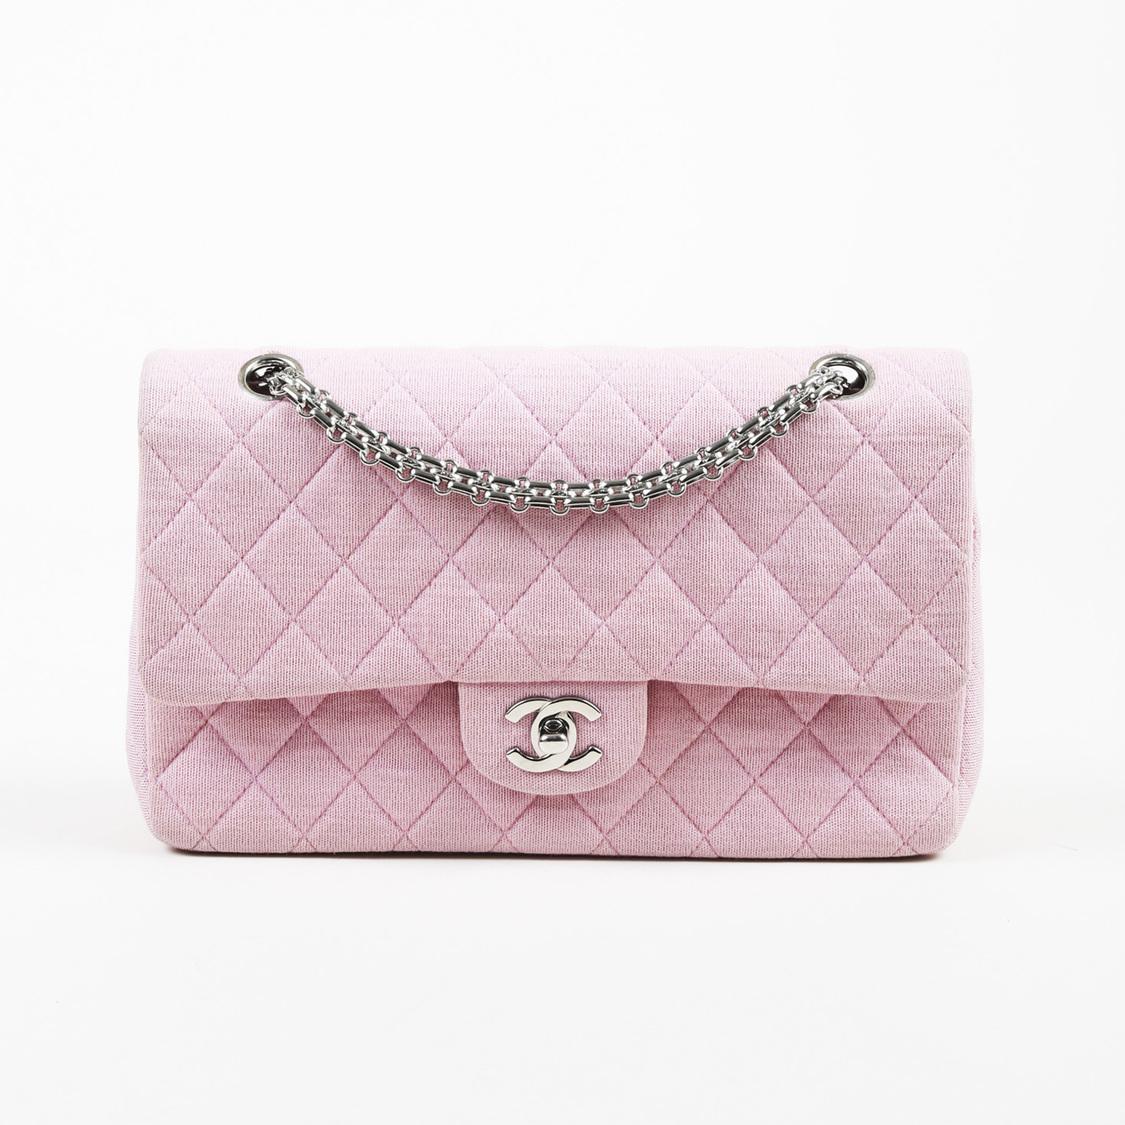 Lyst - Chanel